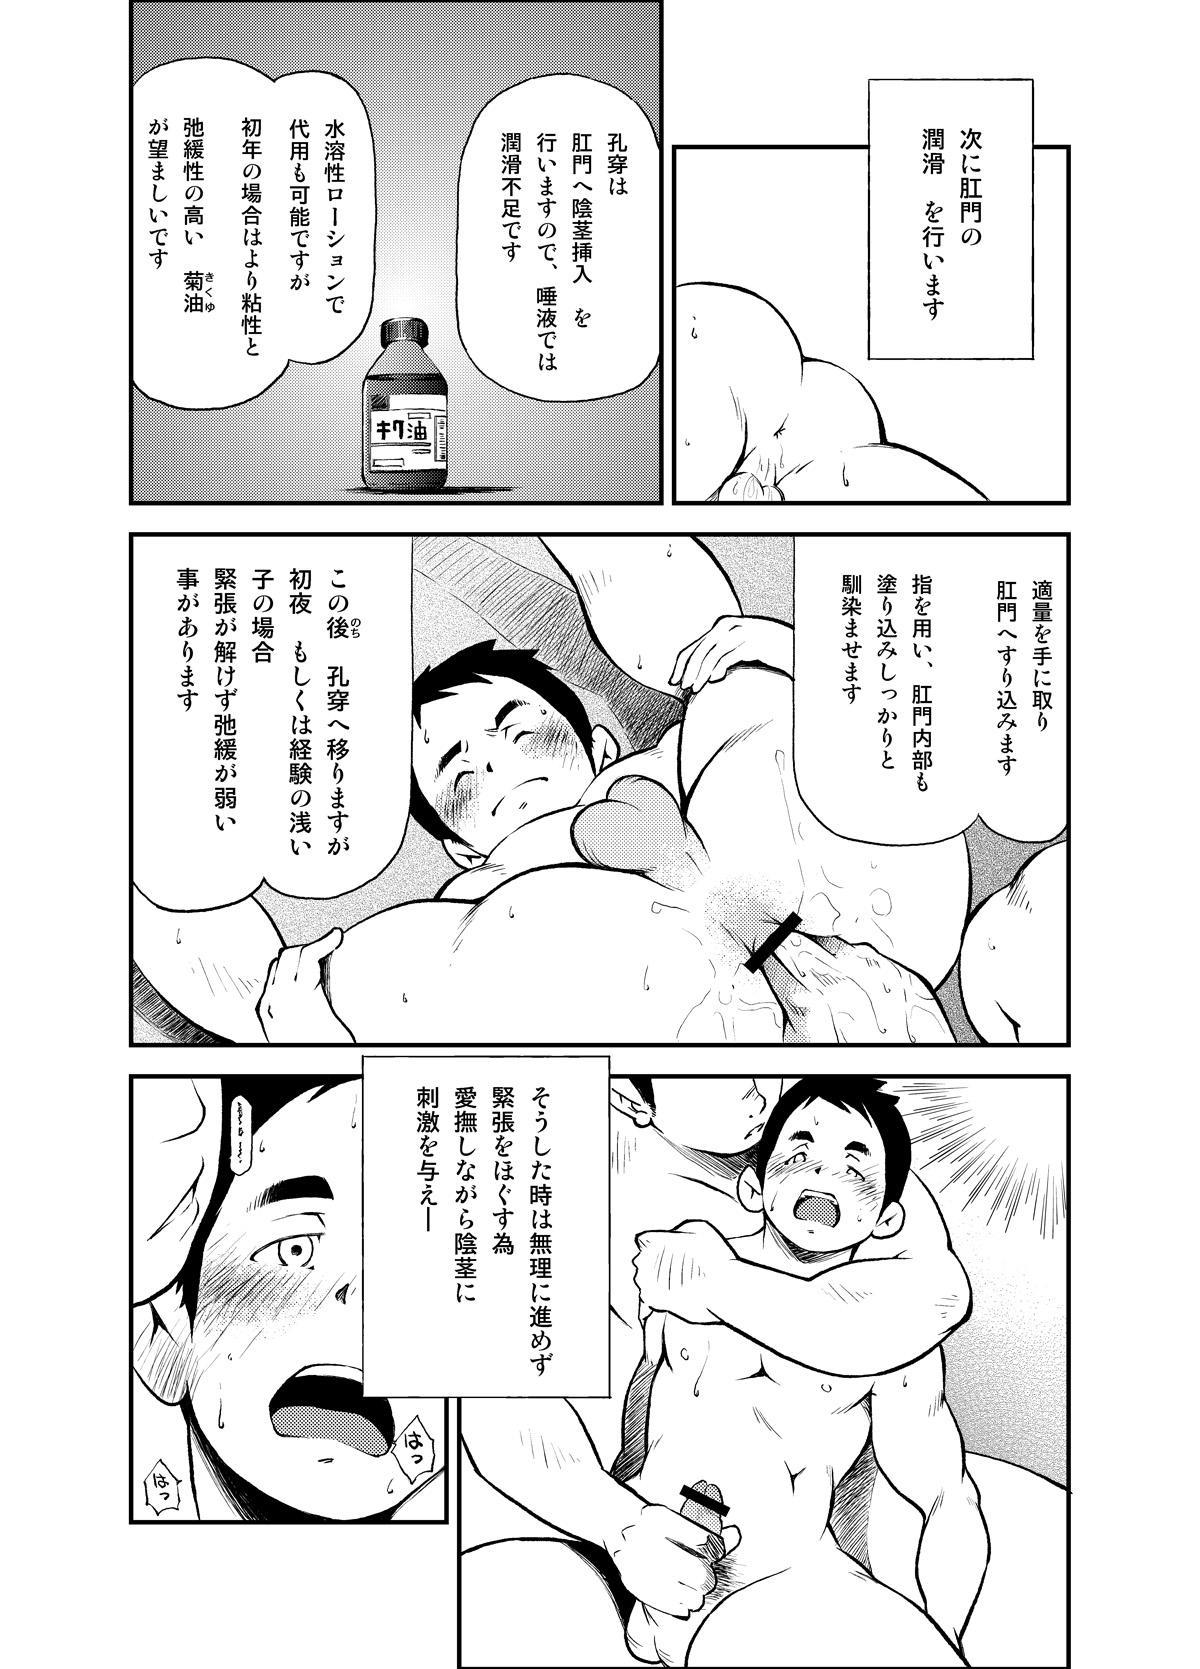 Tadashii Danshi no Kyouren Hou 15